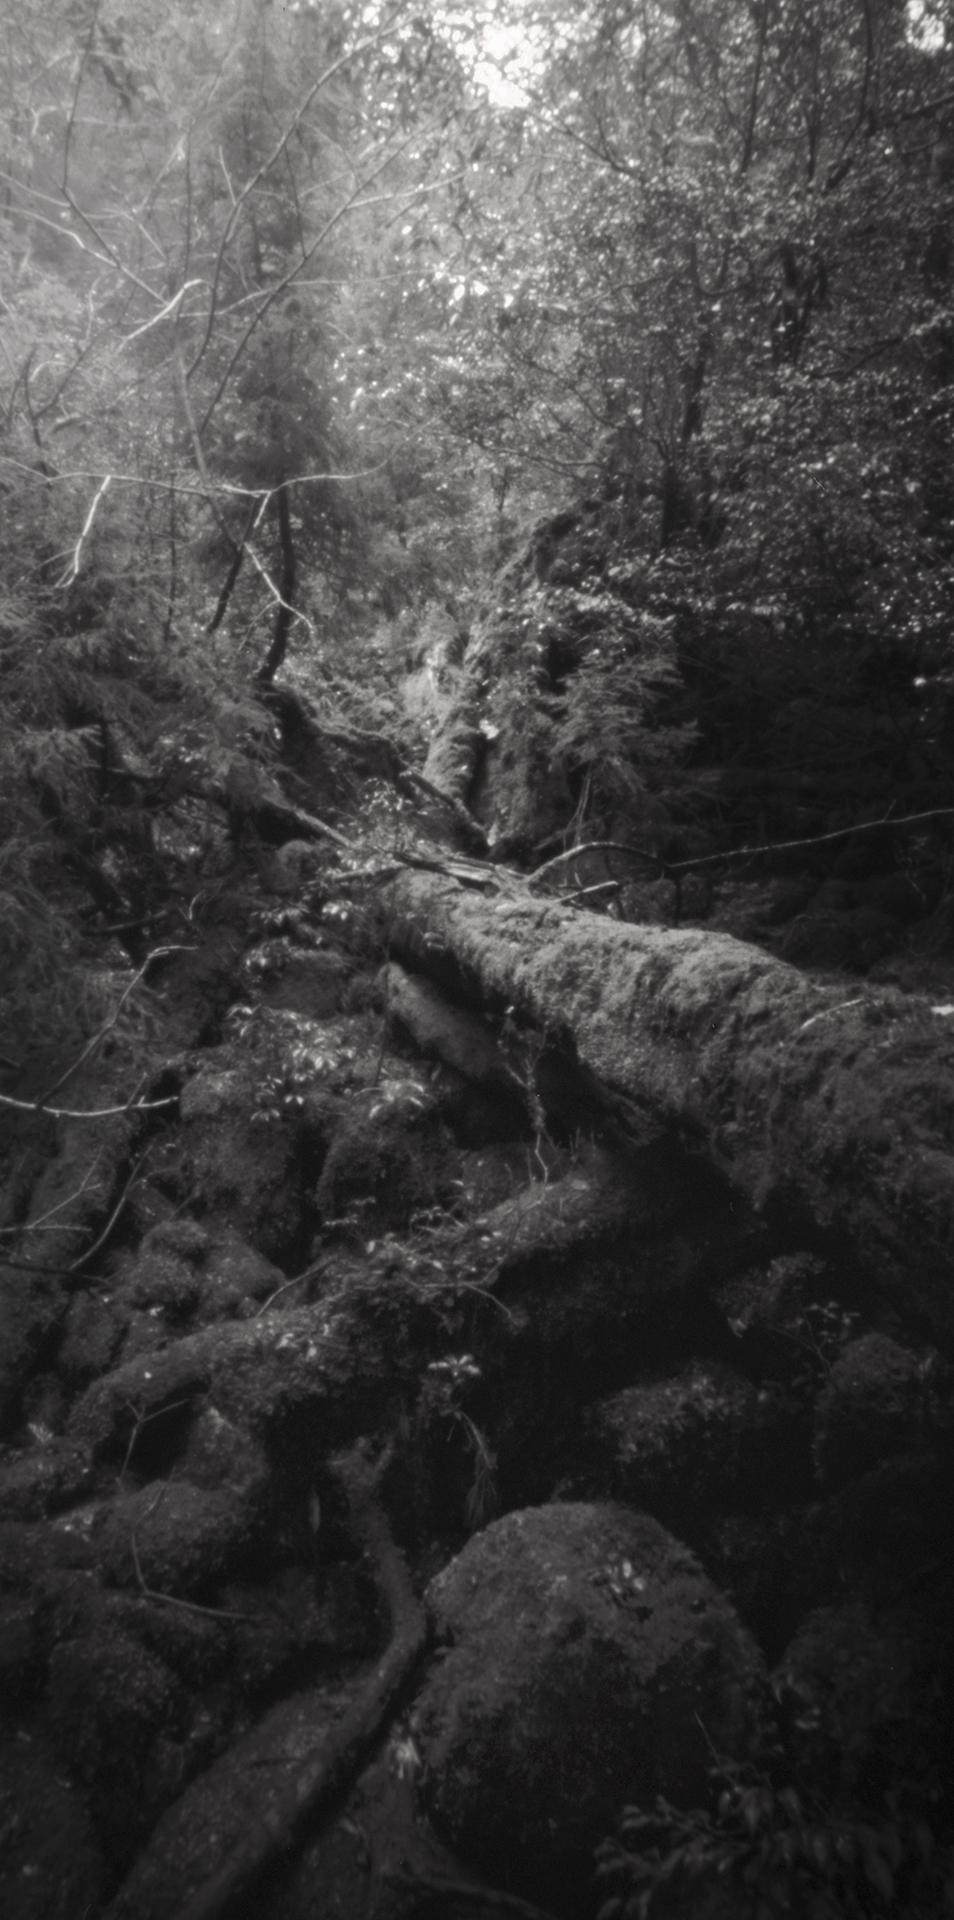 Fallen tree, Kusugawa trail. Japan, Yakushima, 2015